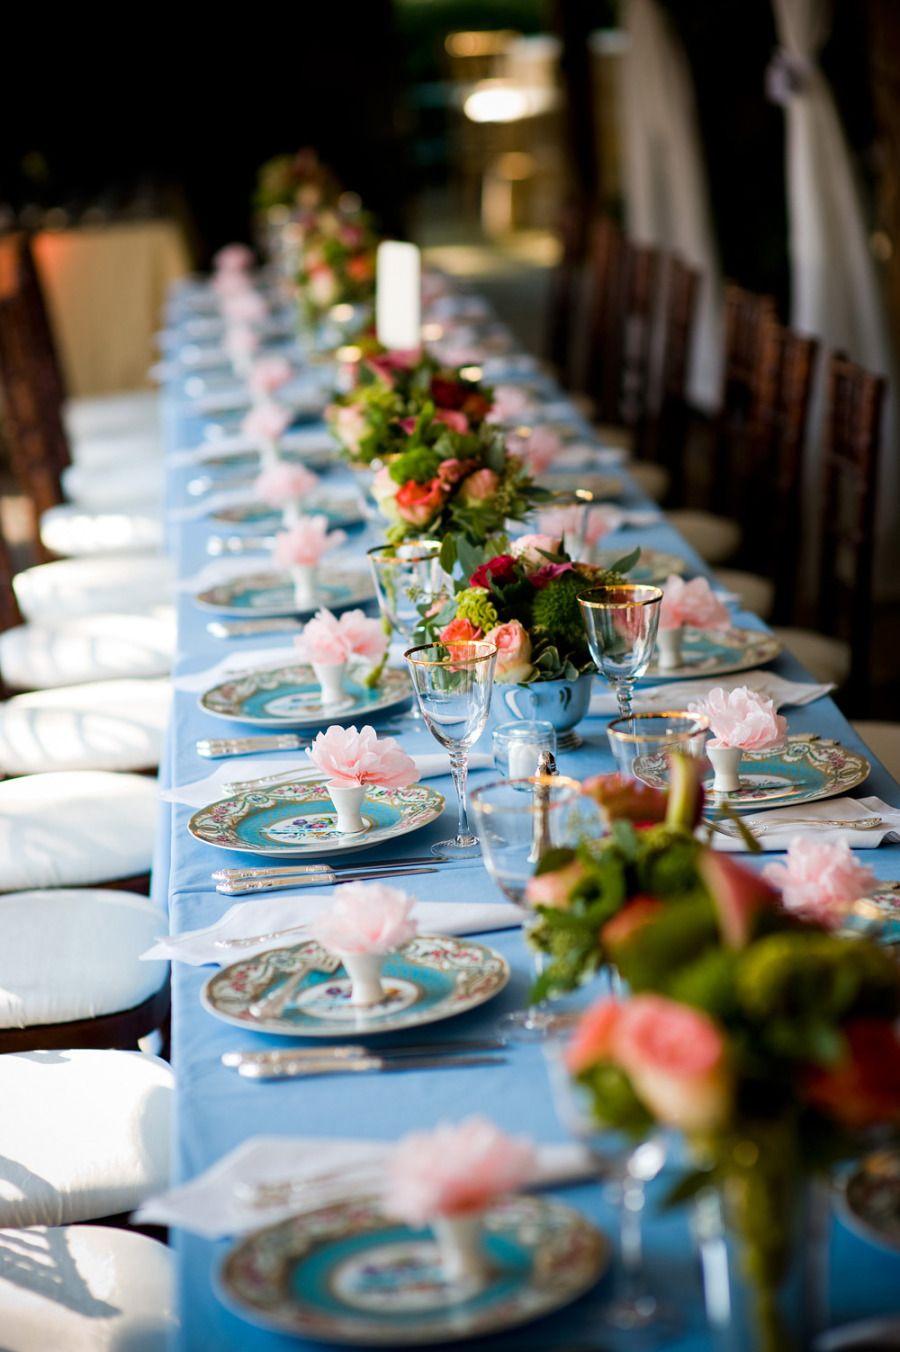 Table setting idea | Ideia para decoração de mesa.